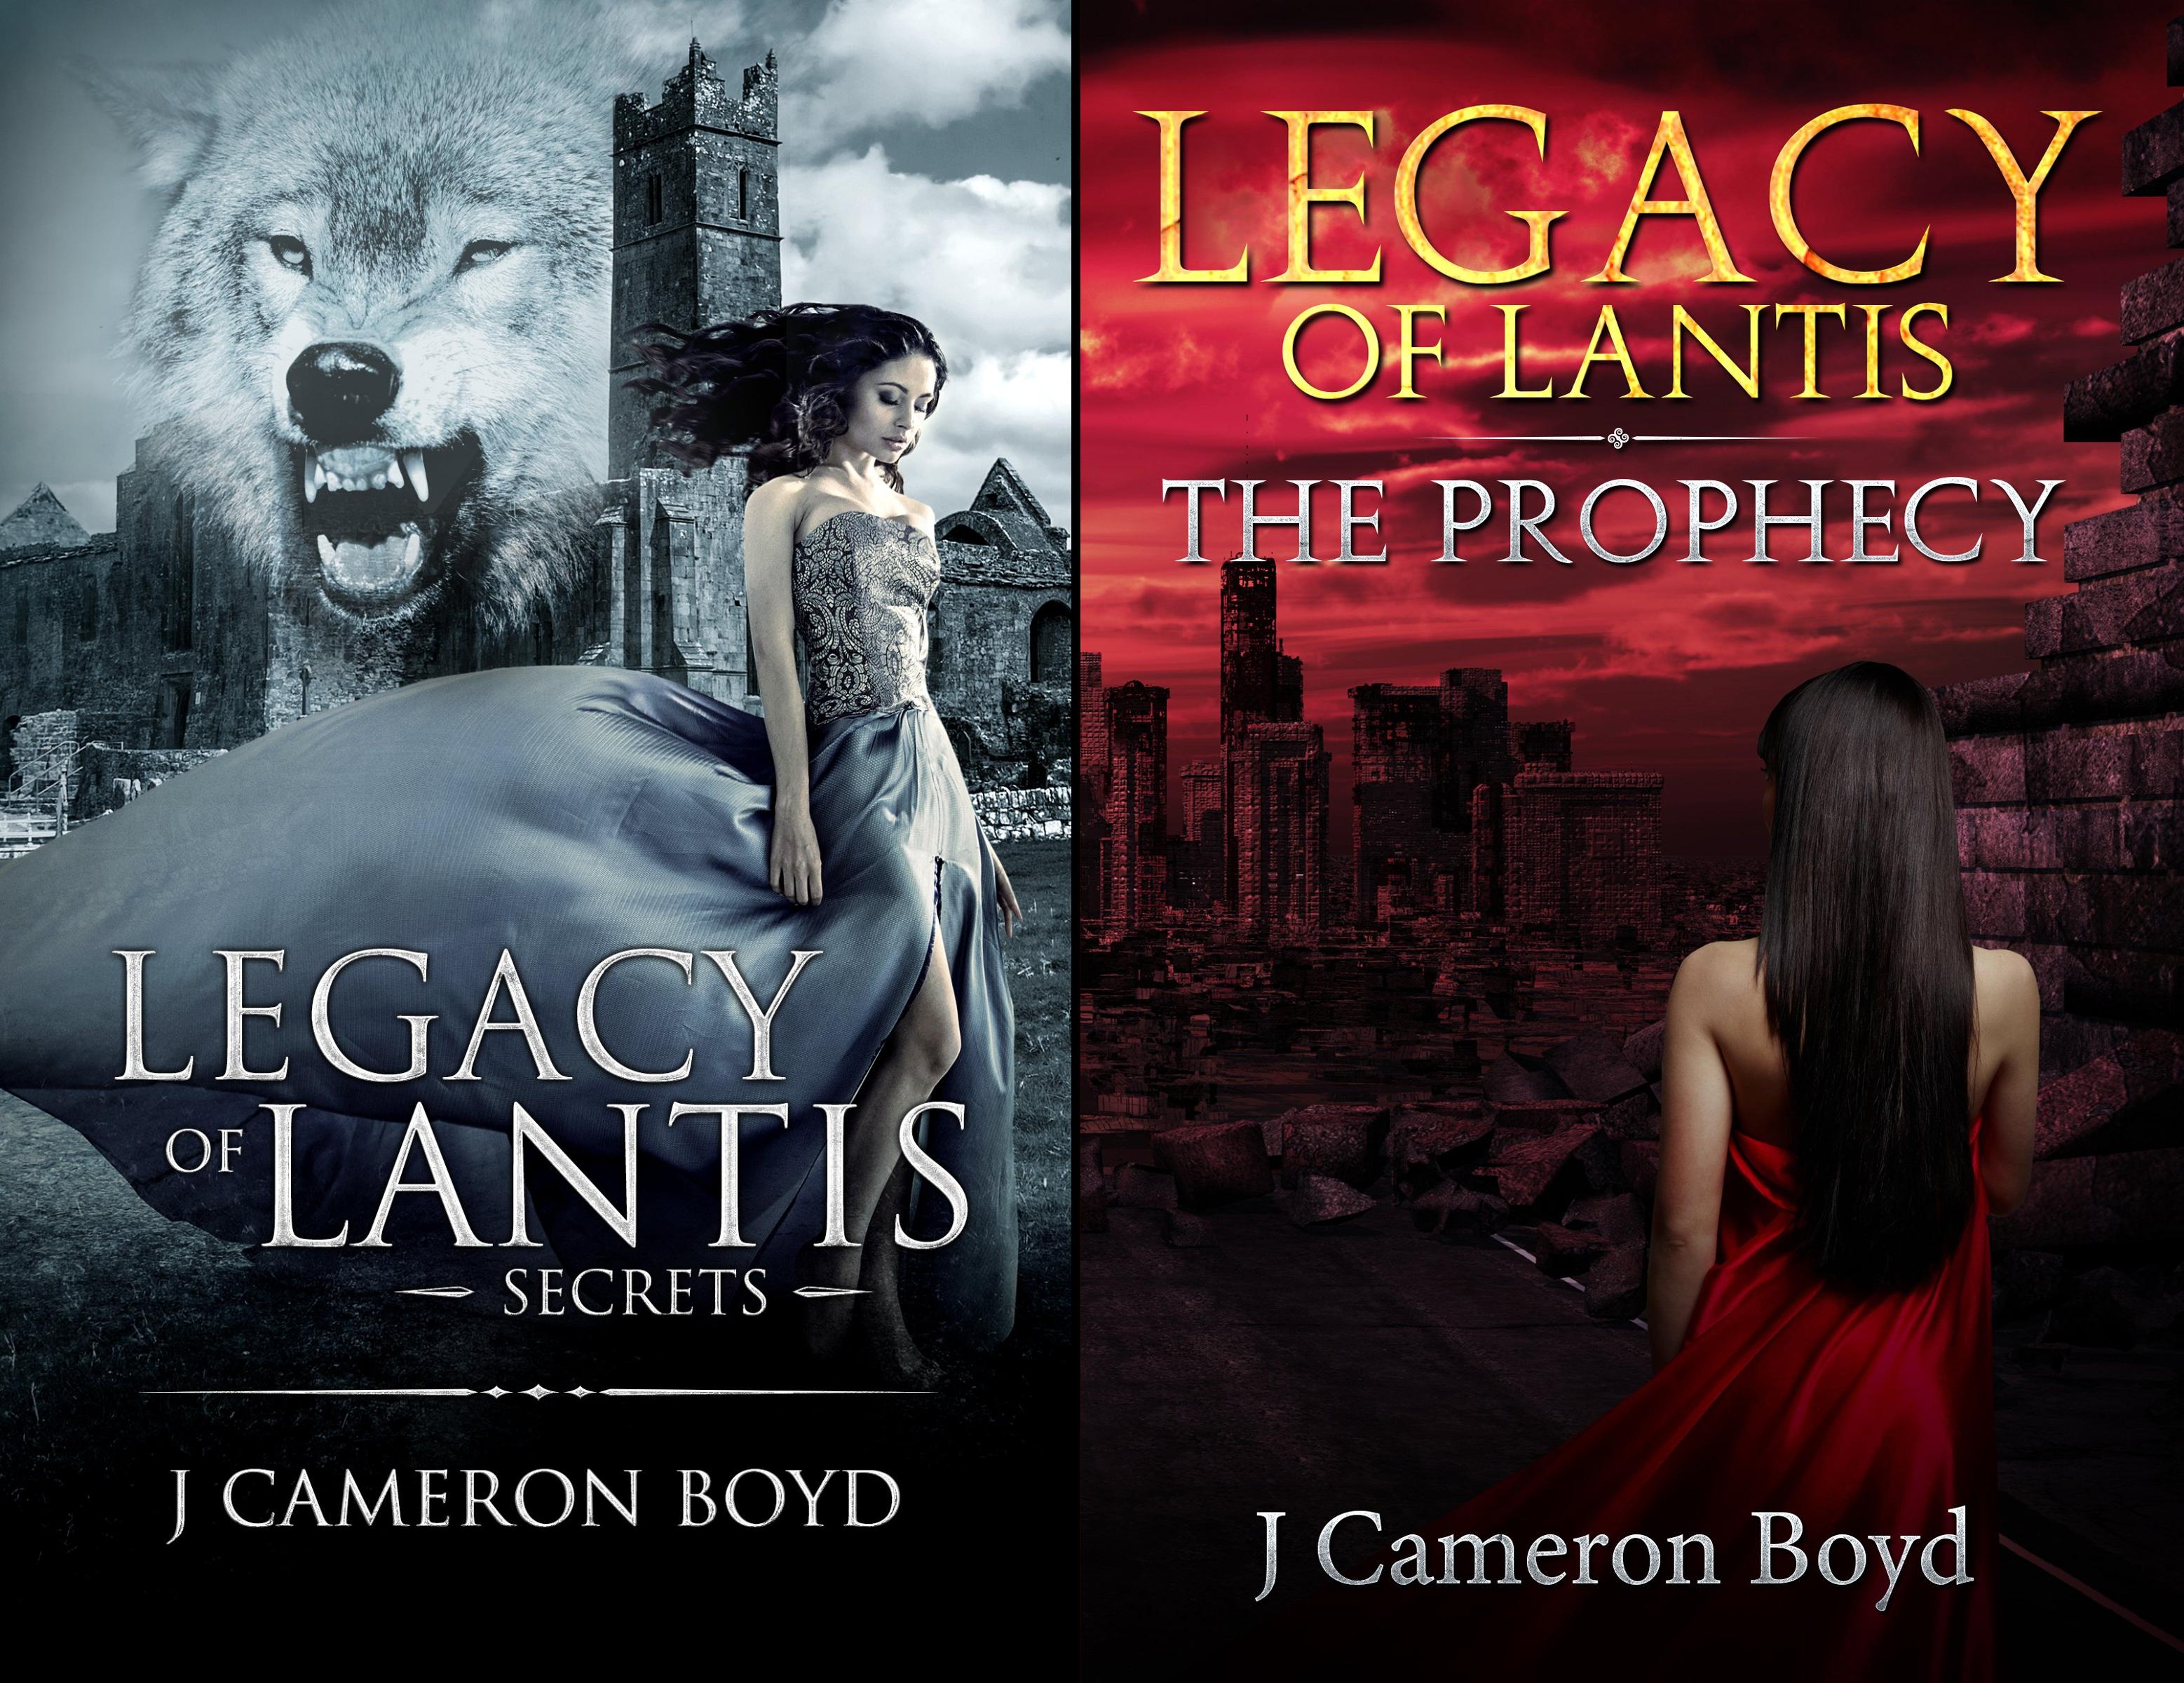 Legacy of Lantis (2 Book Series)